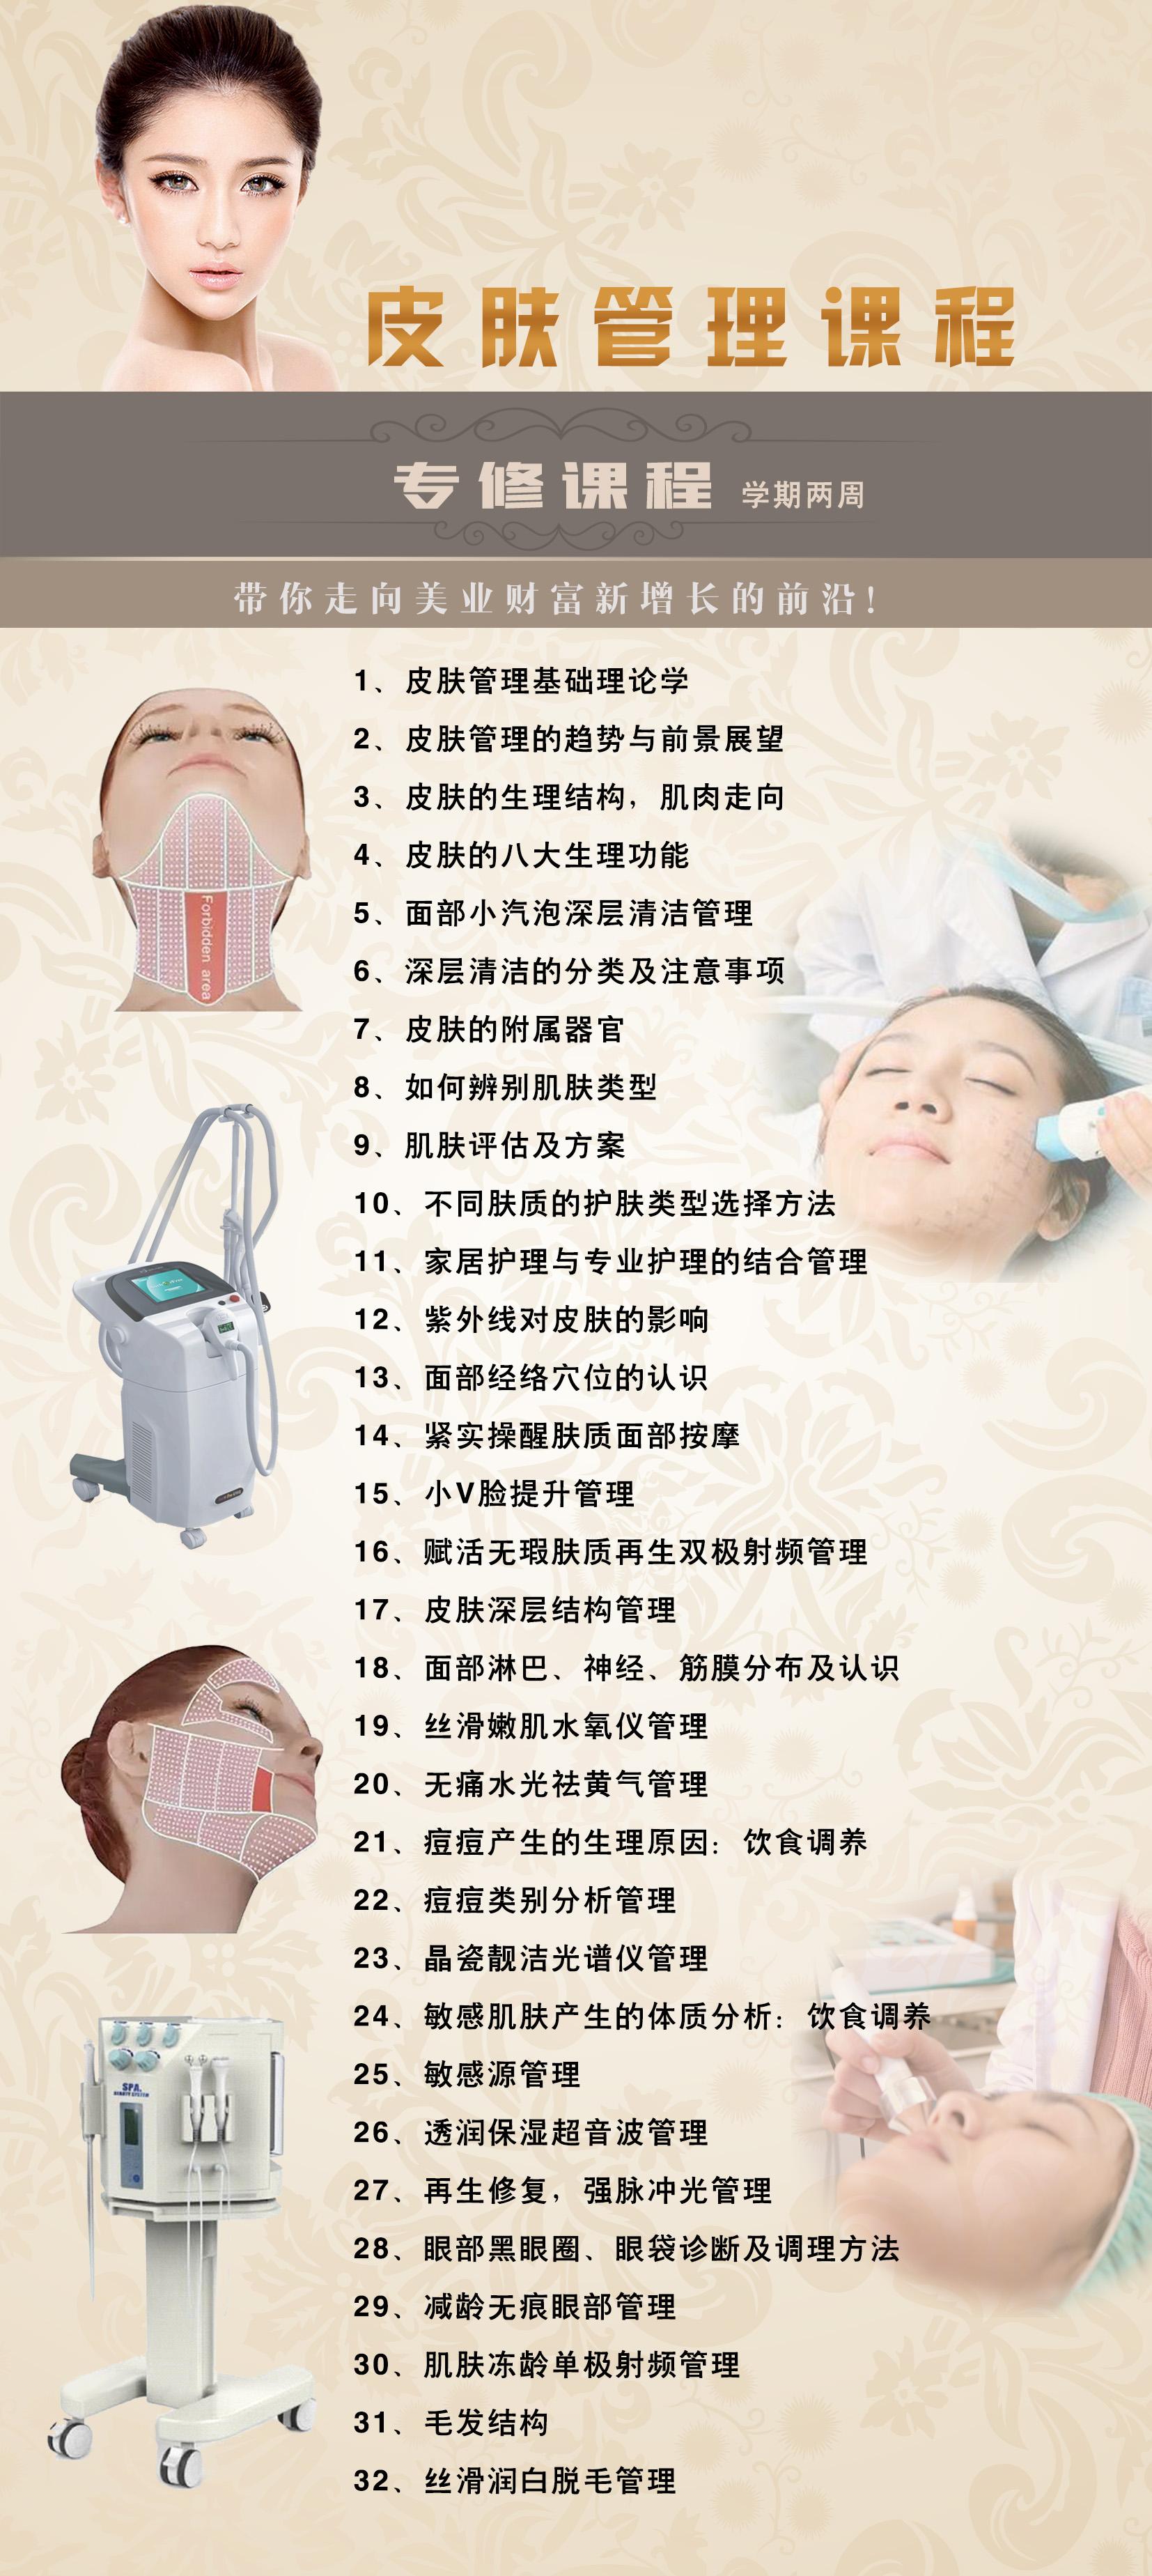 美容皮肤管理课程专修课程